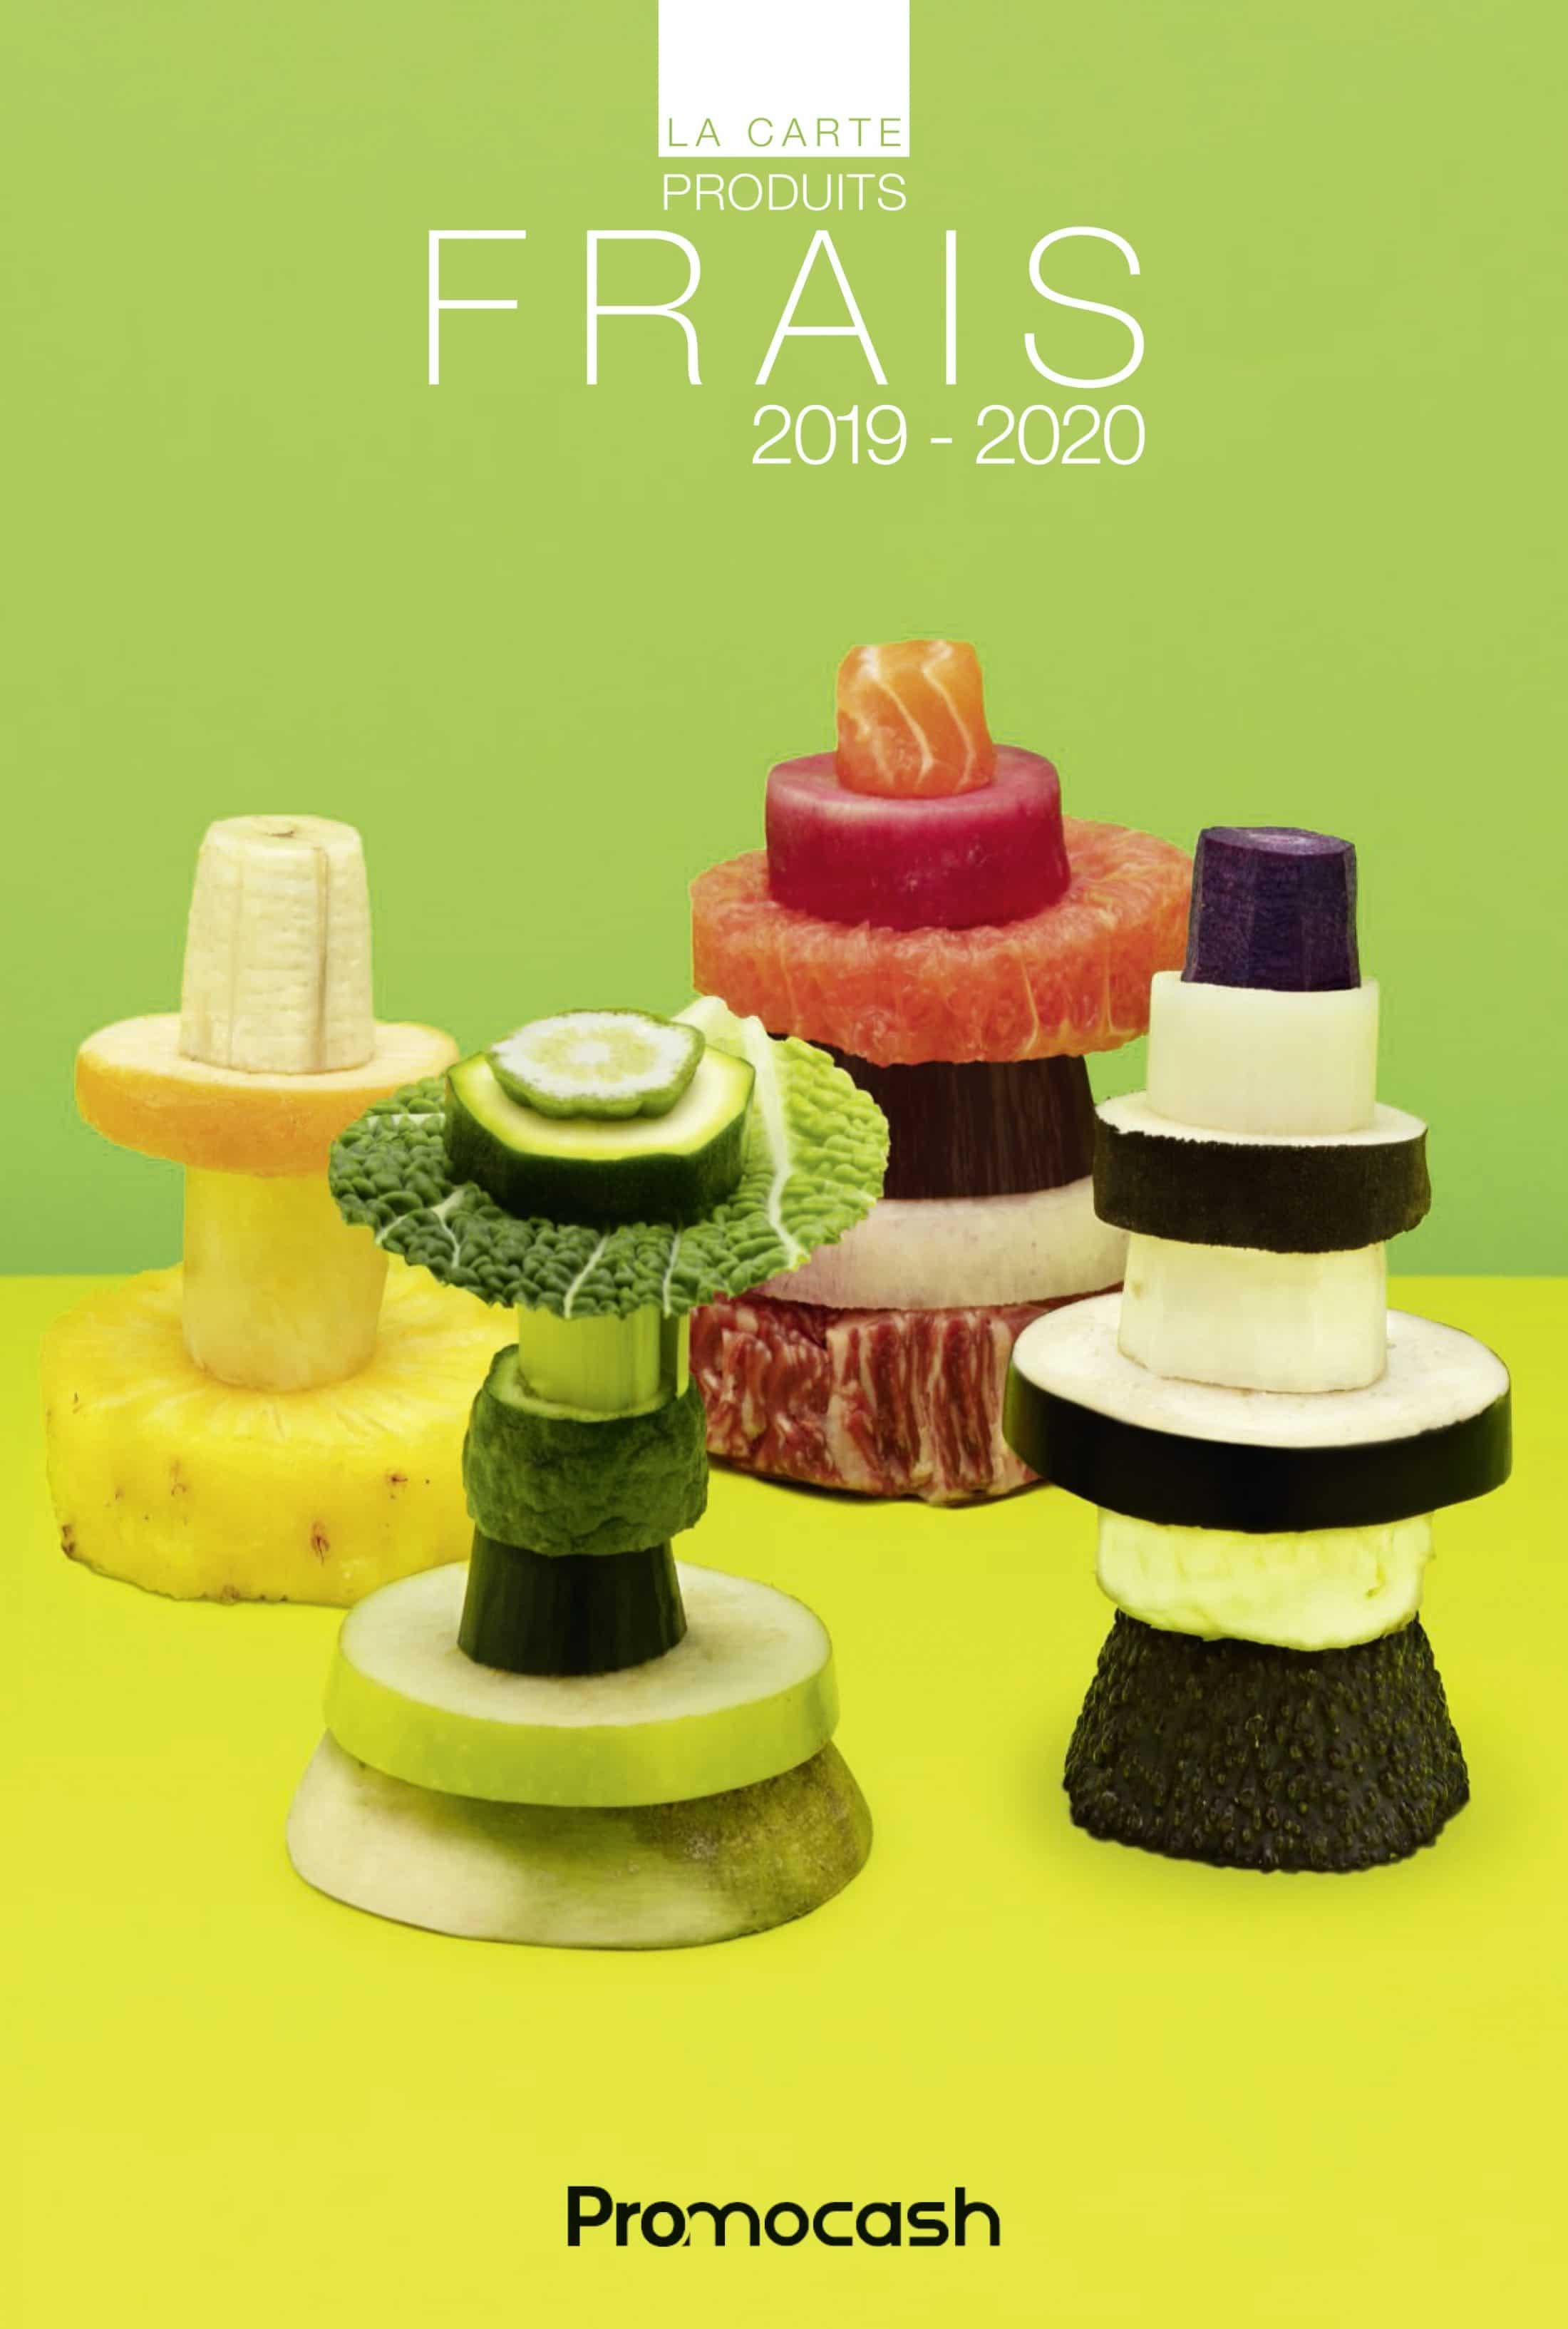 Carte produits frais 2019-2020